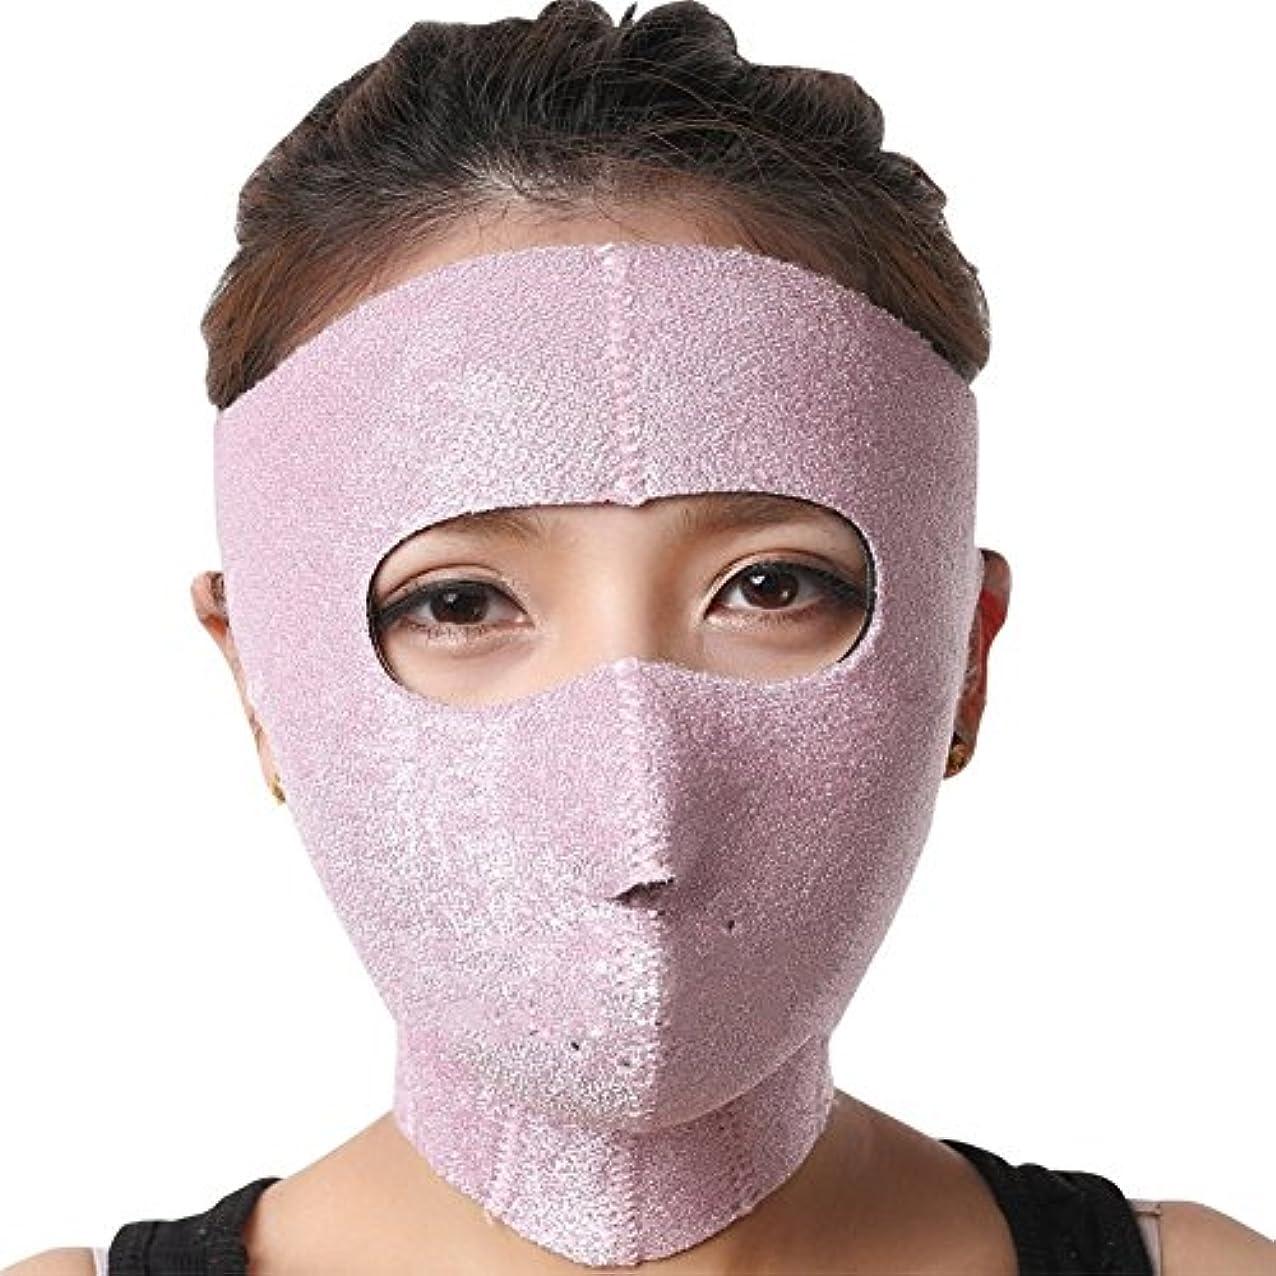 ツイン着飾る保護小顔サウナマスク ゲルマニウム 小顔矯正 マスク